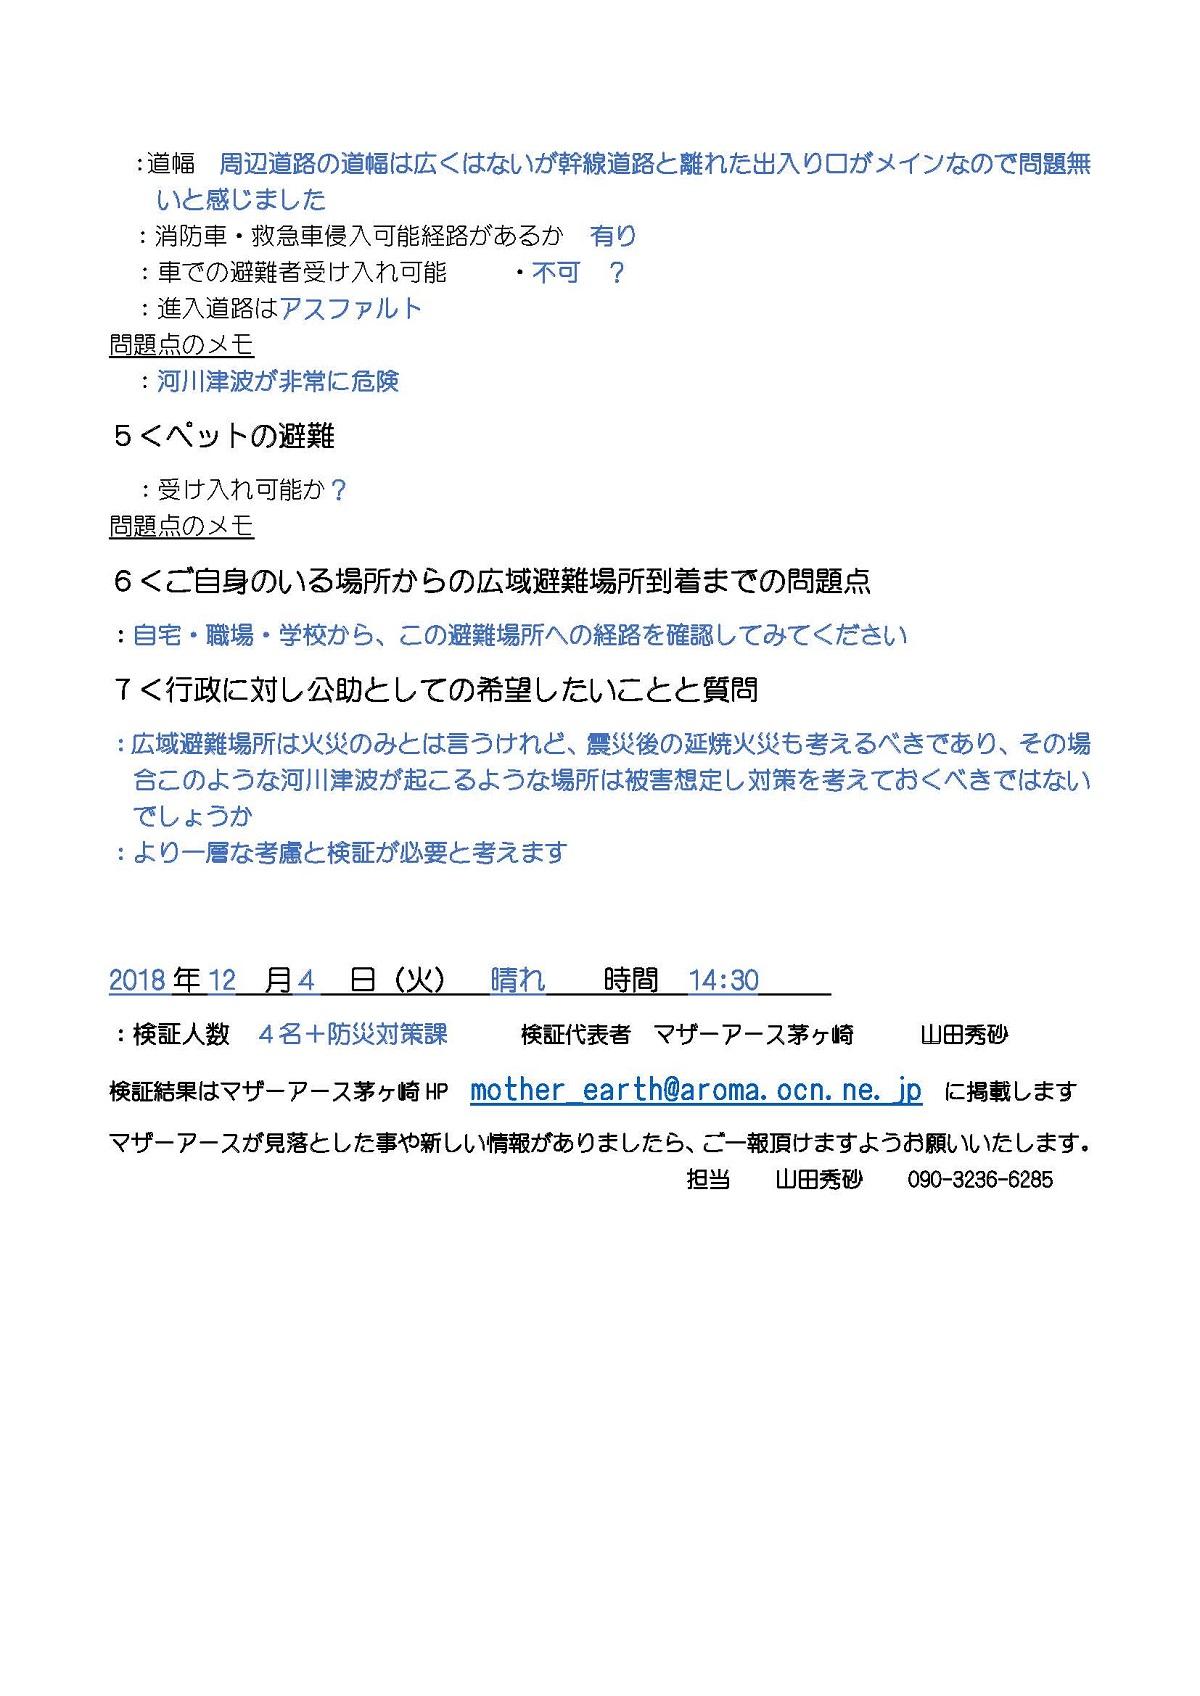 161新ー浜之郷小学校広域指定ーマザーアース茅ヶ崎_ページ_2